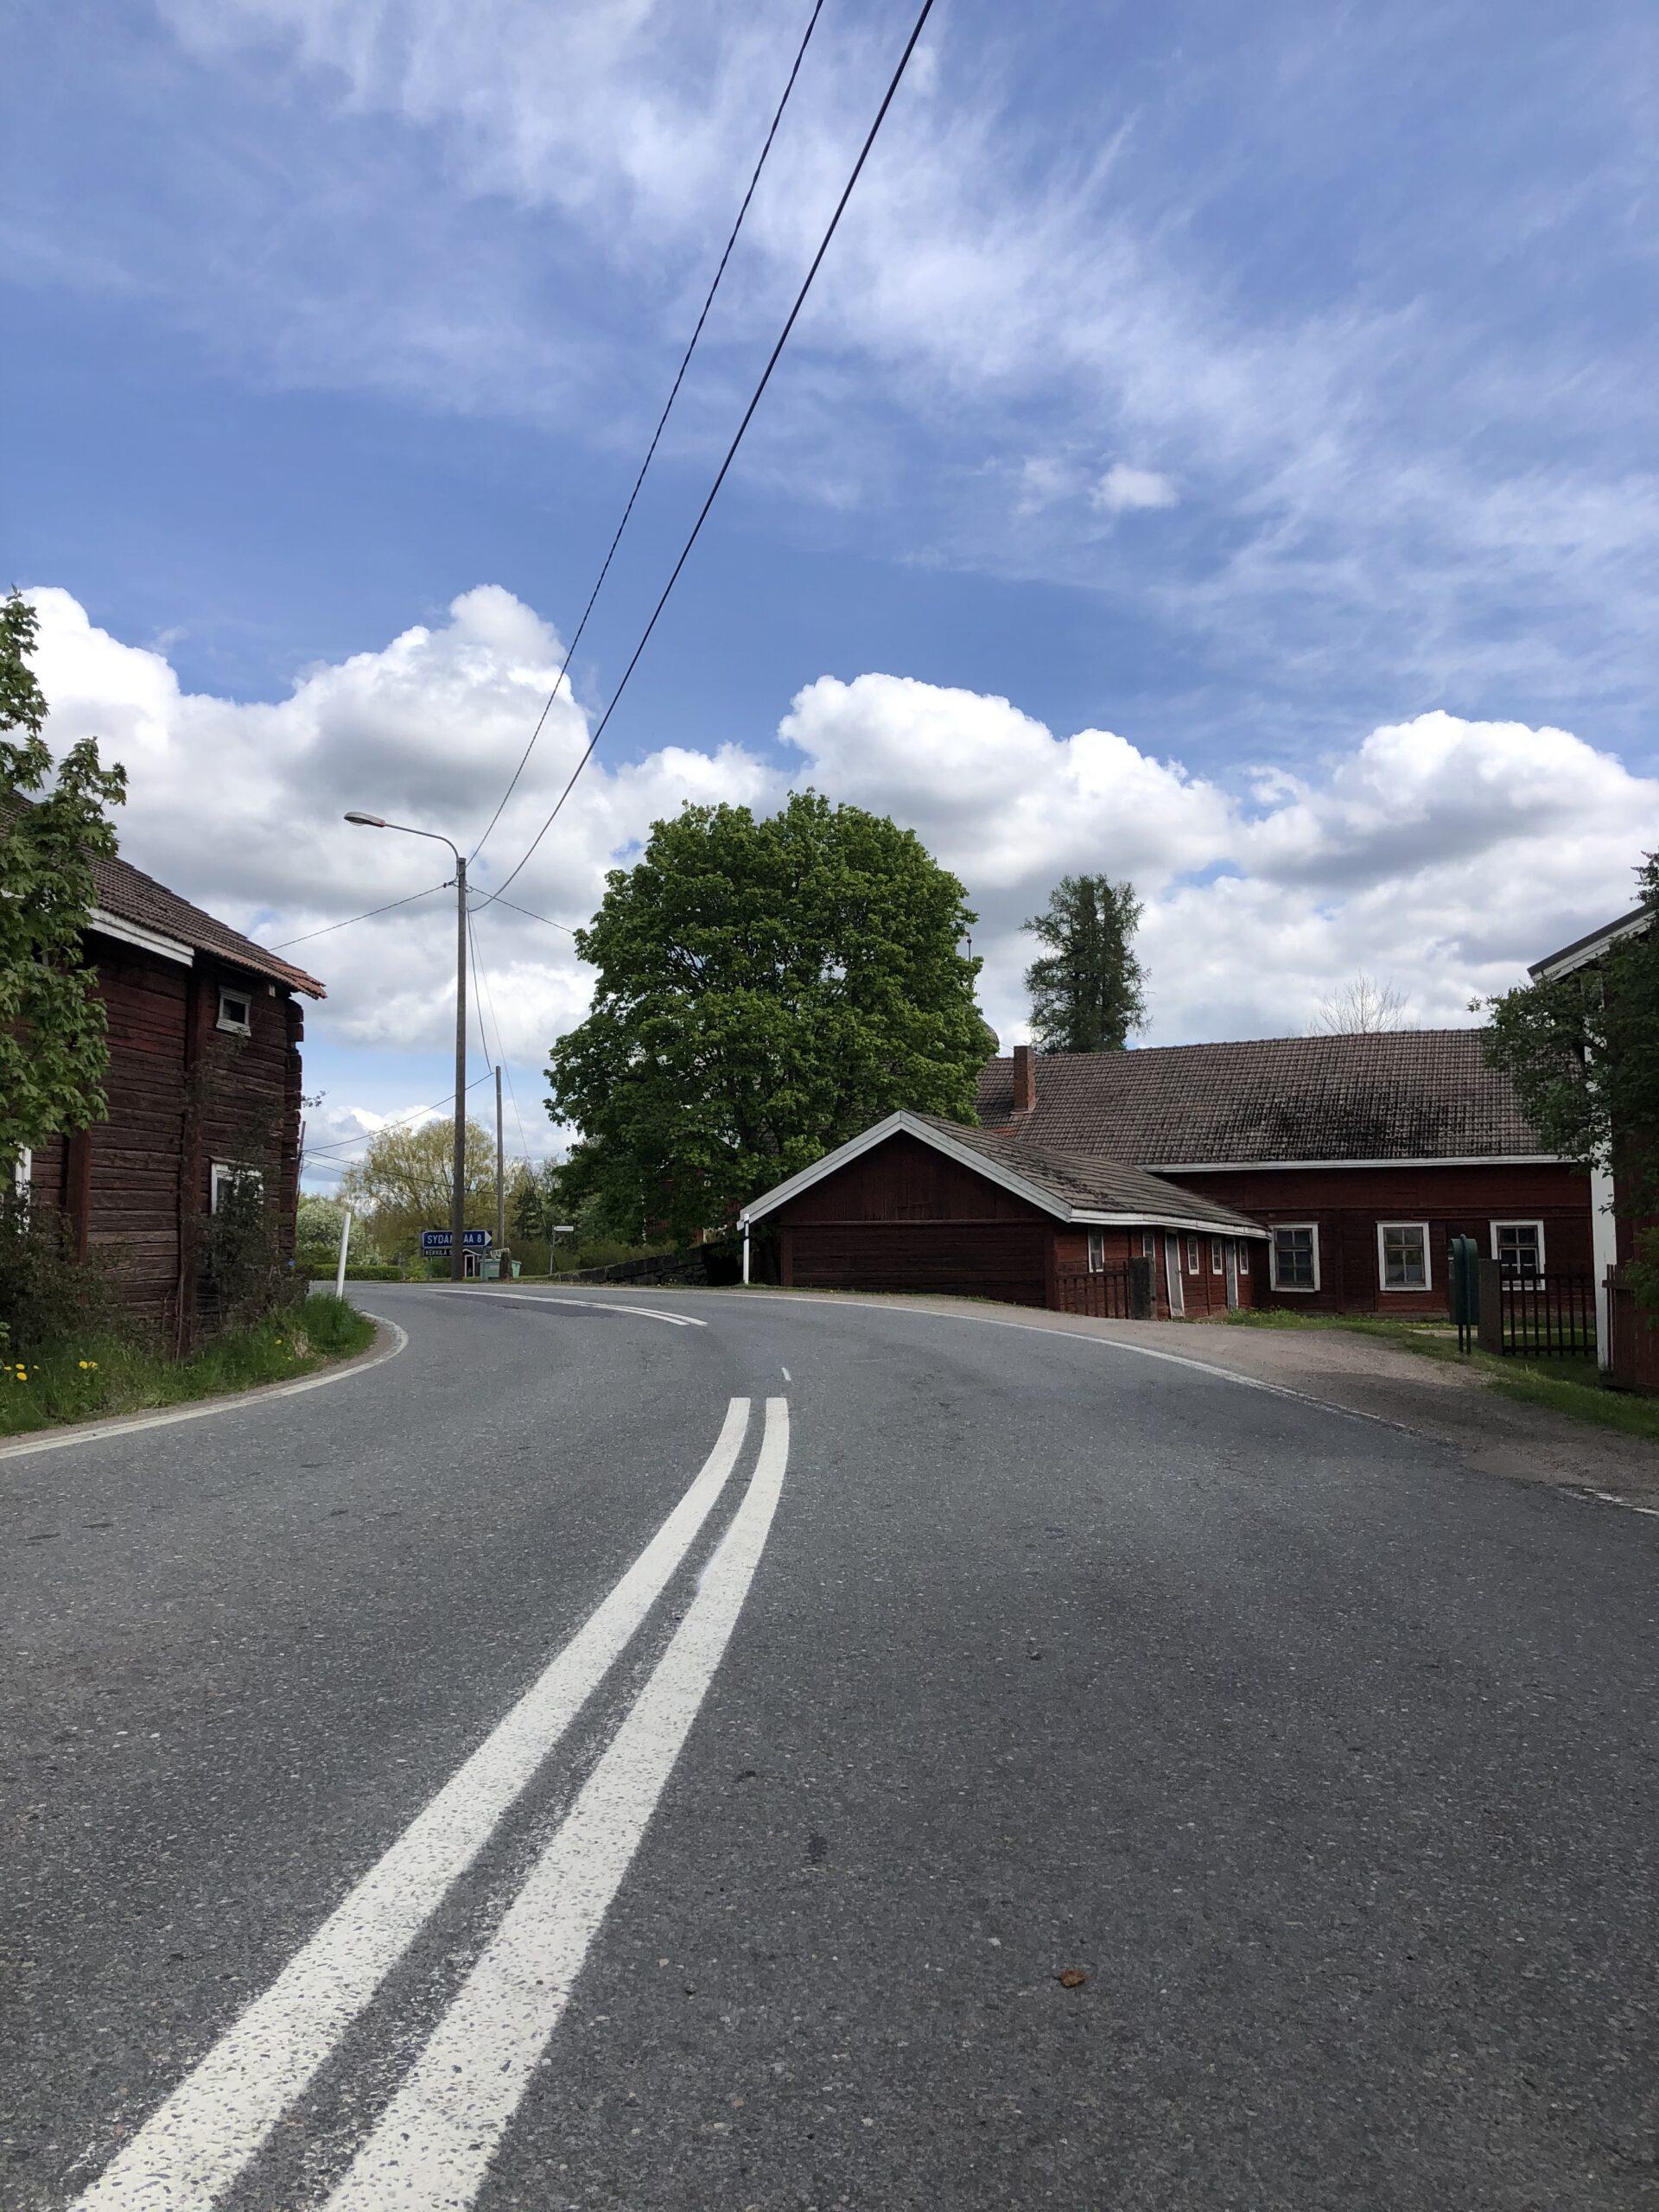 Kuva otettu autotieltä Irjanteen kyläraitilta. Punaisia vanhoja rakennuksia.